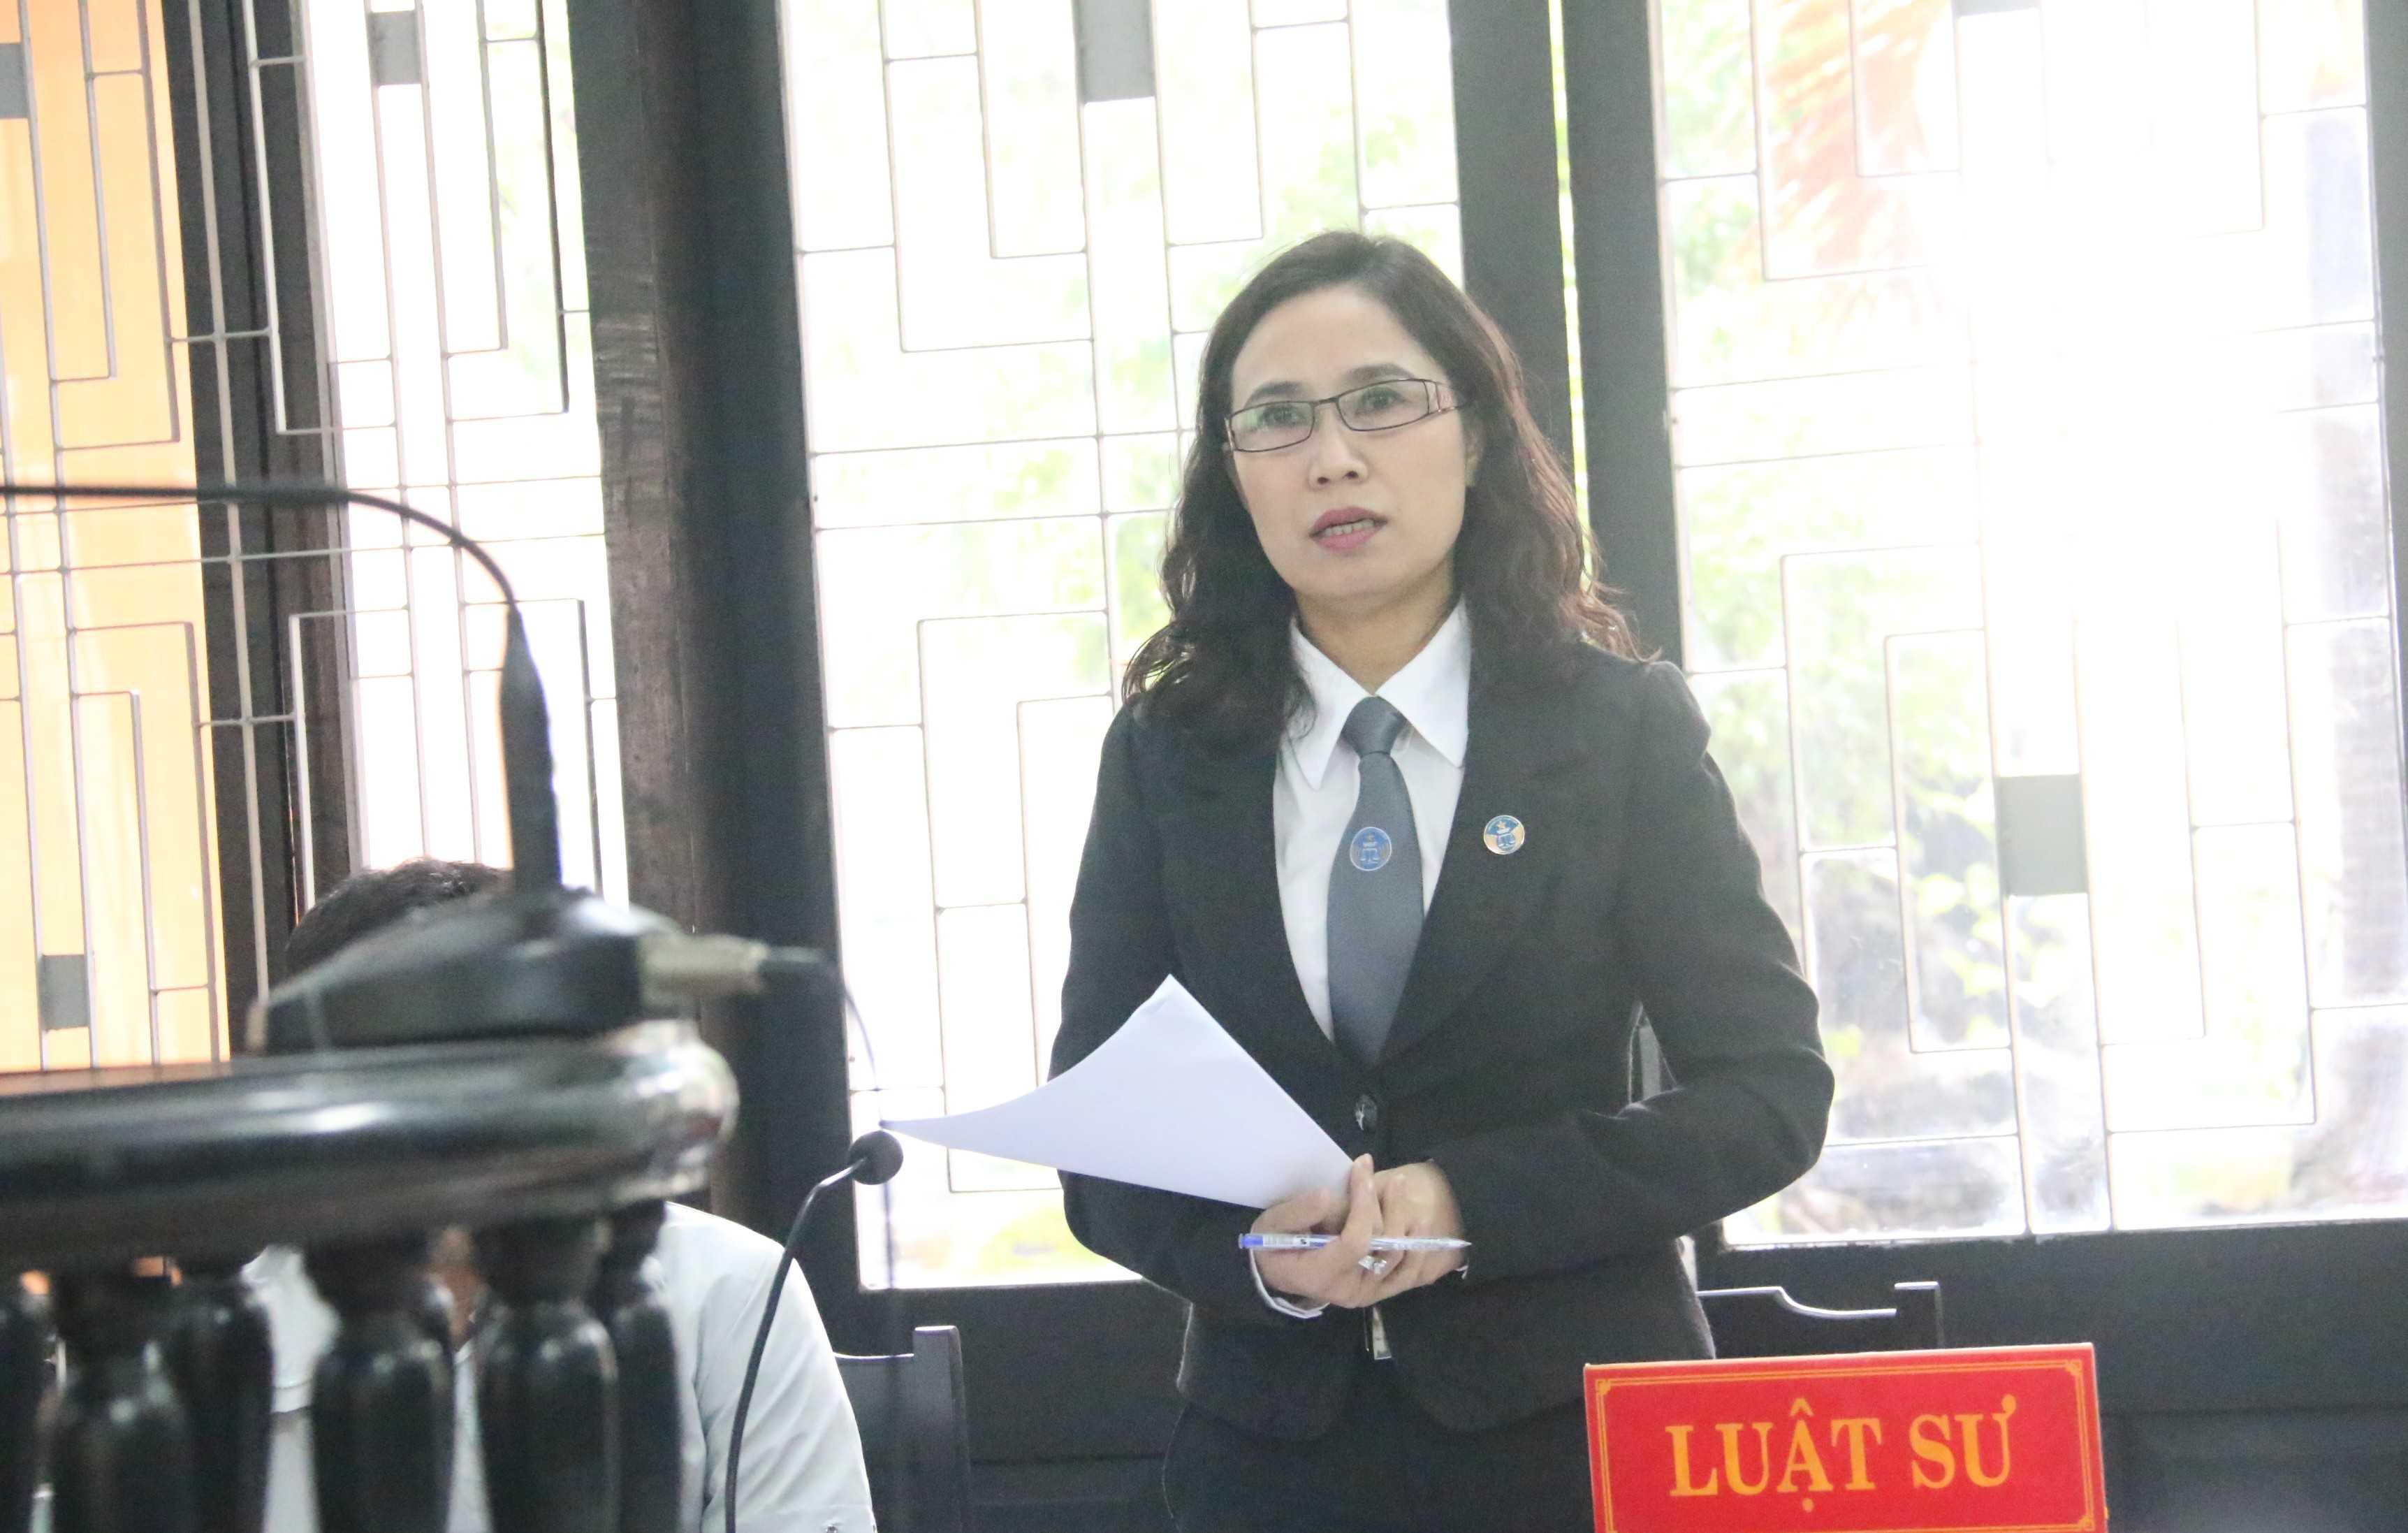 Luậ sư Lê Thị Trà My nêu ra những bất thường trong vụ án và những sai sót nghiêm trọng của cơ quan tố tụng sơ thẩm.